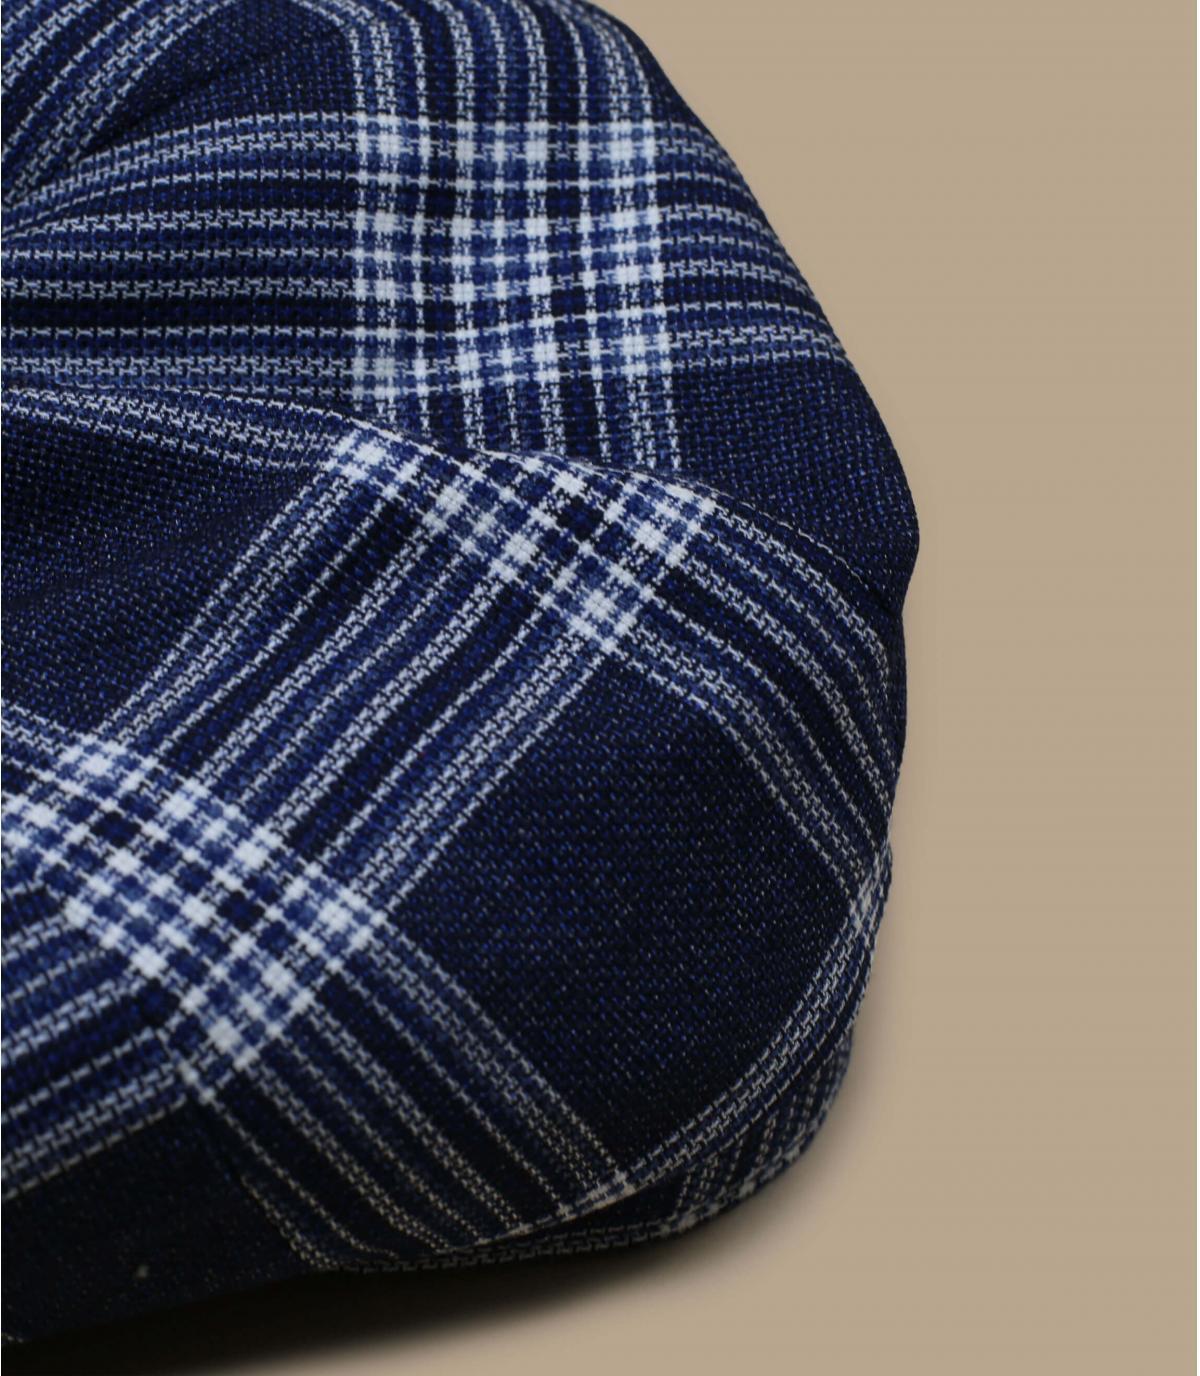 béret gavroche laine bleu carreaux